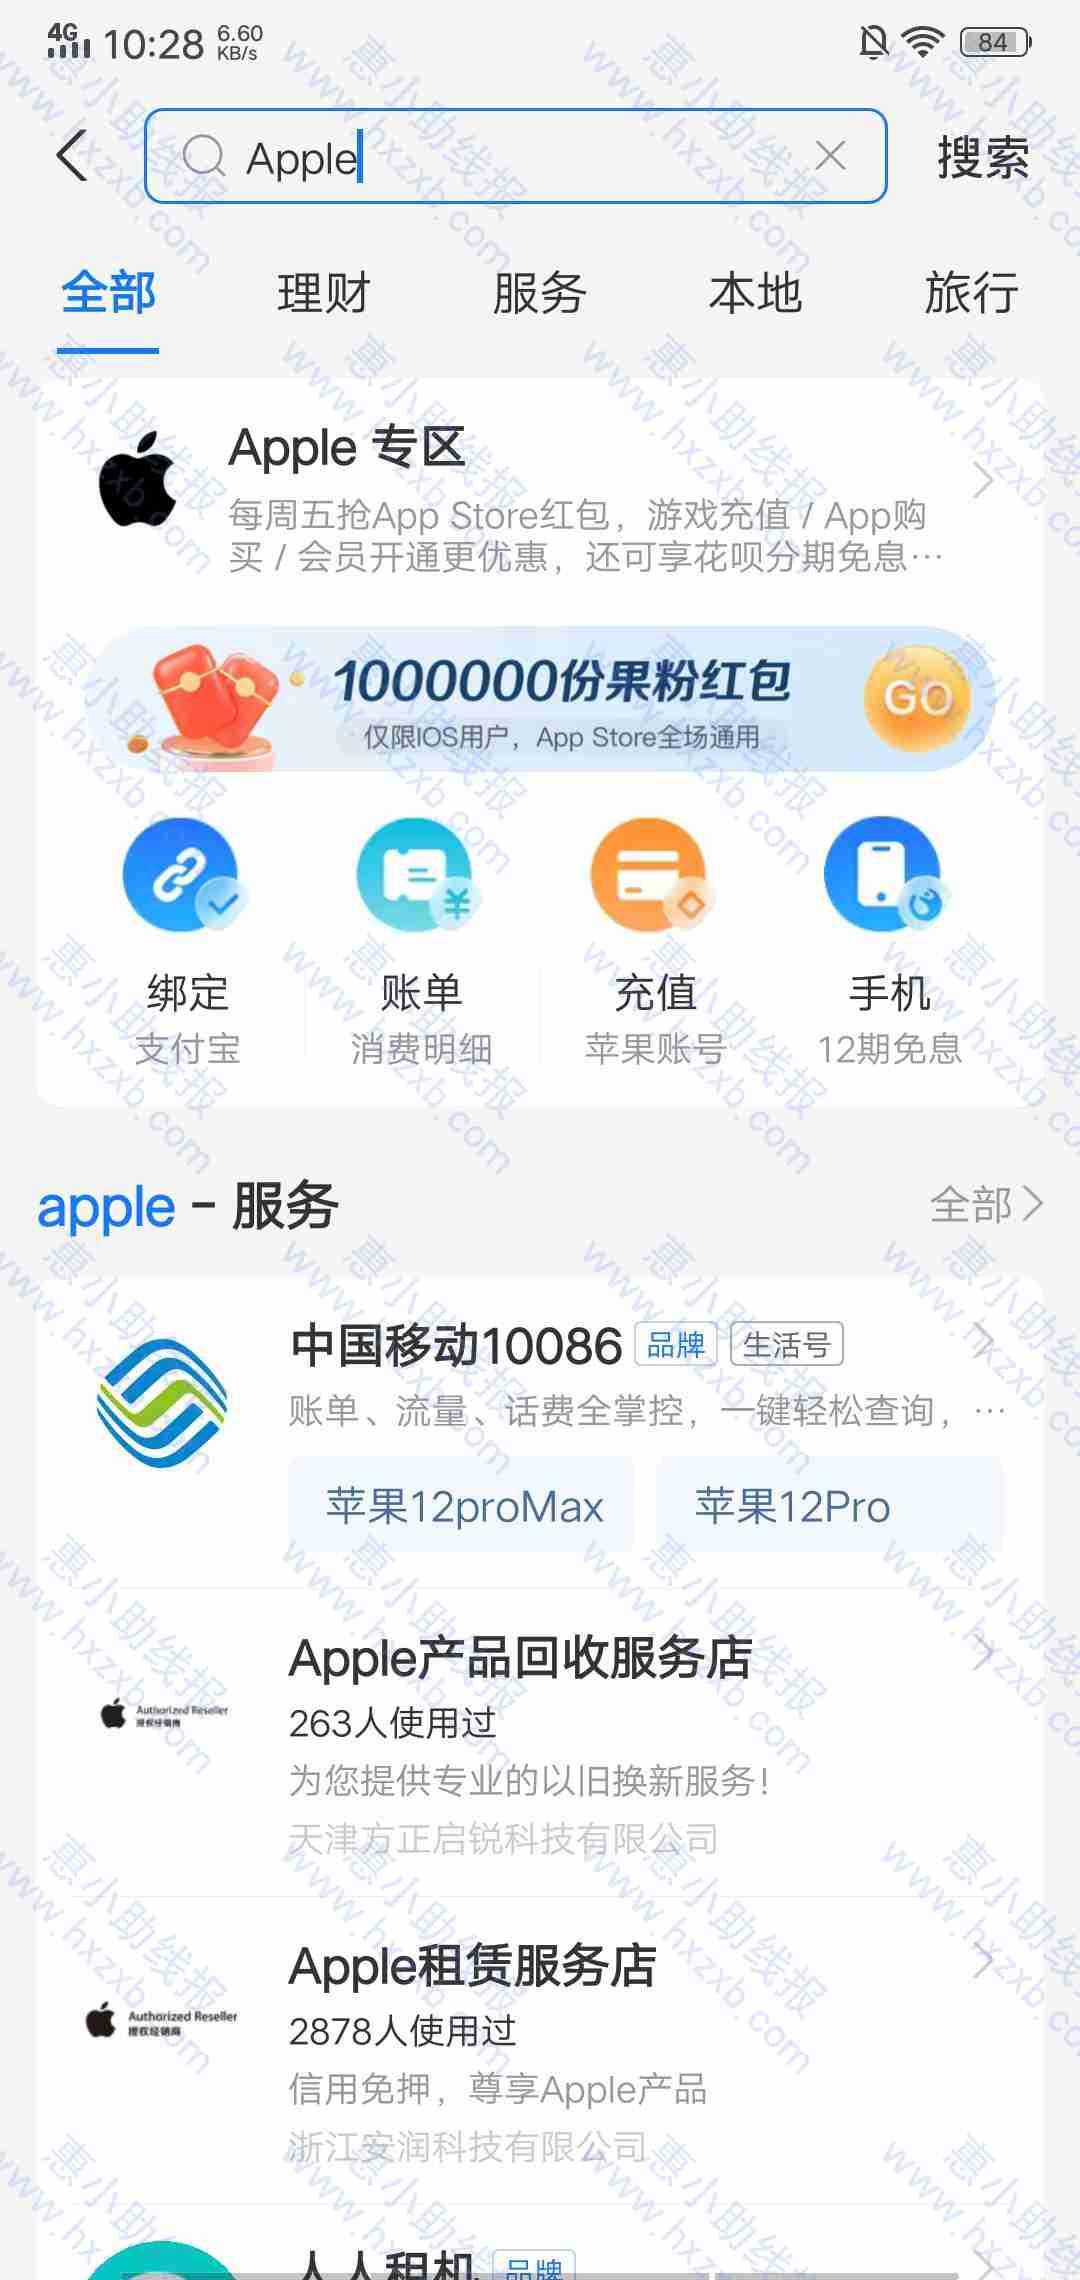 苹果用户支付宝抽消费券